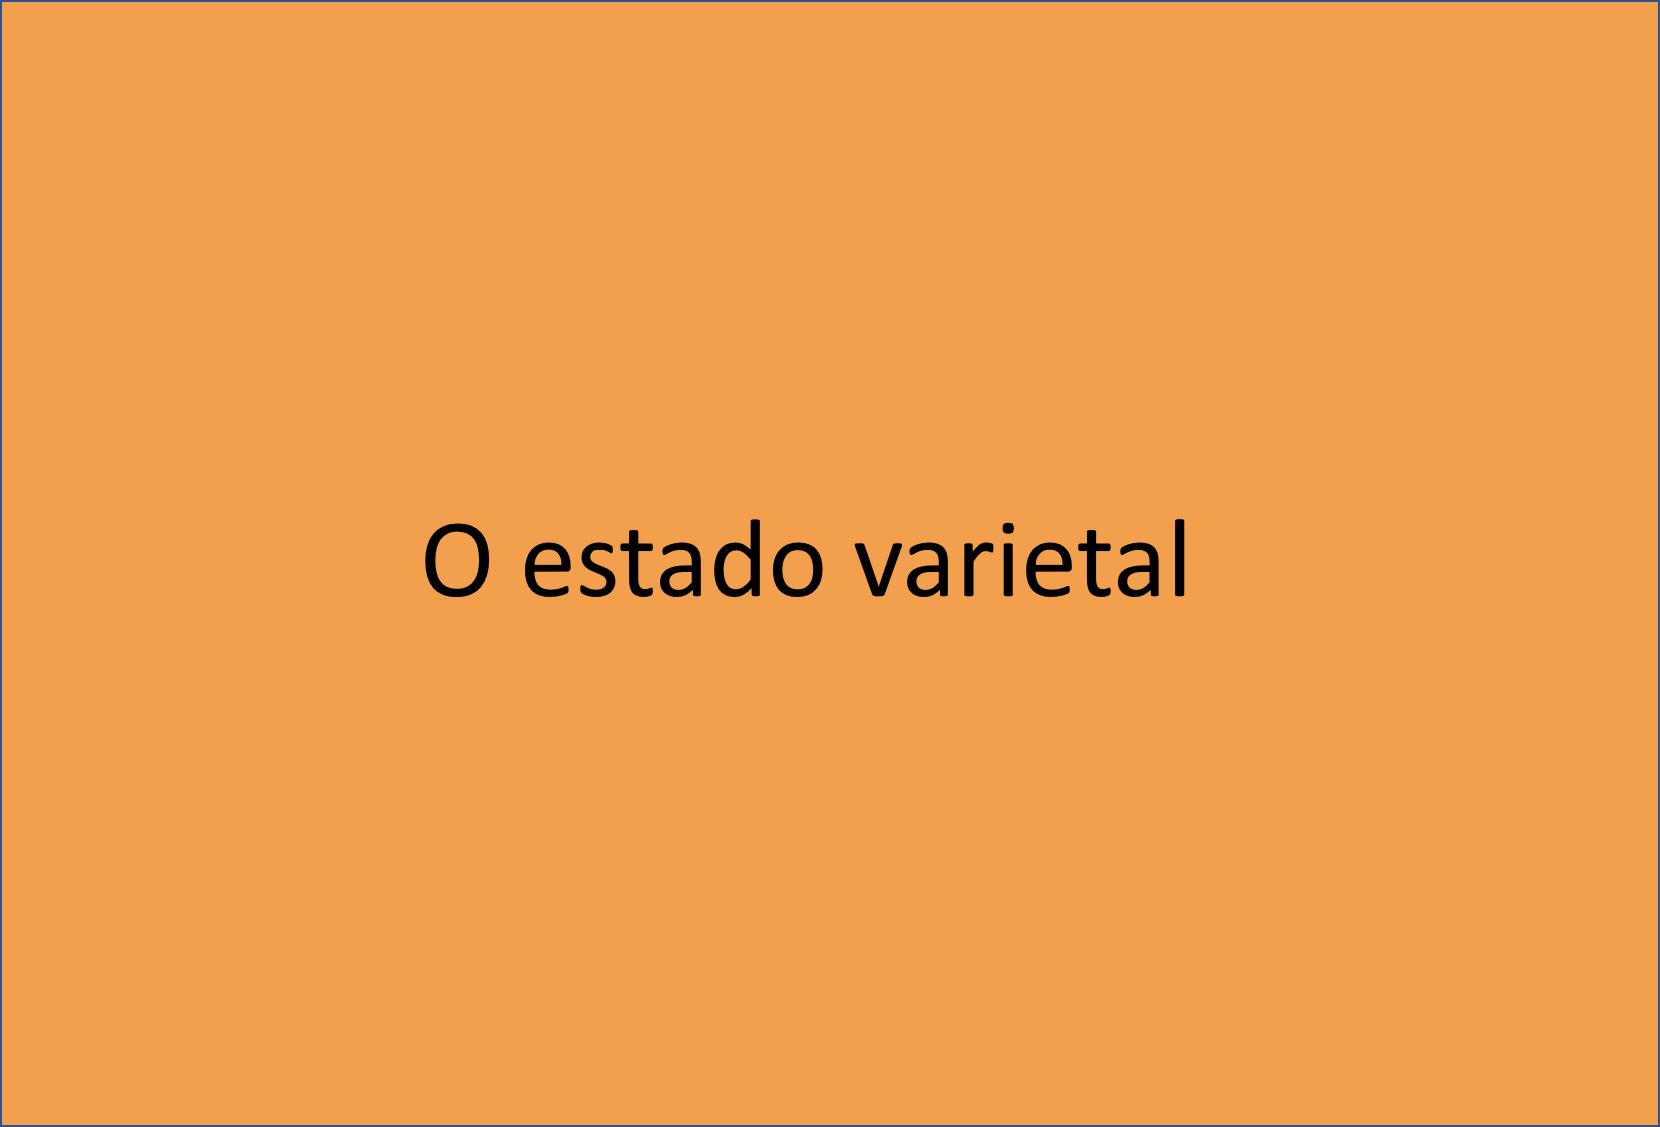 Estado varietal